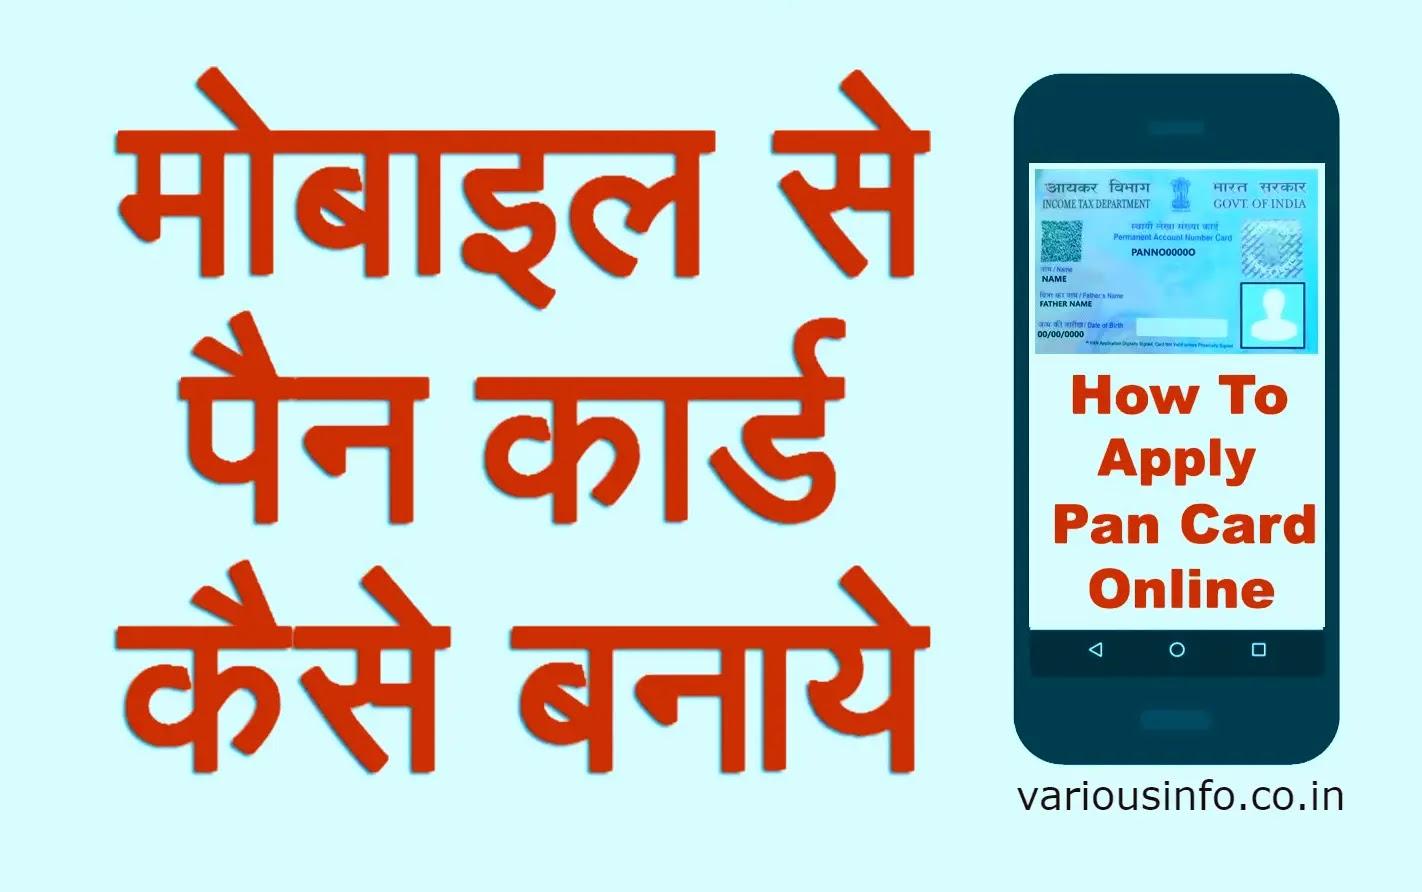 मोबाइल से पैन कार्ड कैसे बनाये-Mobile se pan card kaise banaye ? मोबाइल से पैन कार्ड बनाने के लिए आपके मोबाइल फोन में कुछ एडिटिंग अप्प्स का होना आवश्य